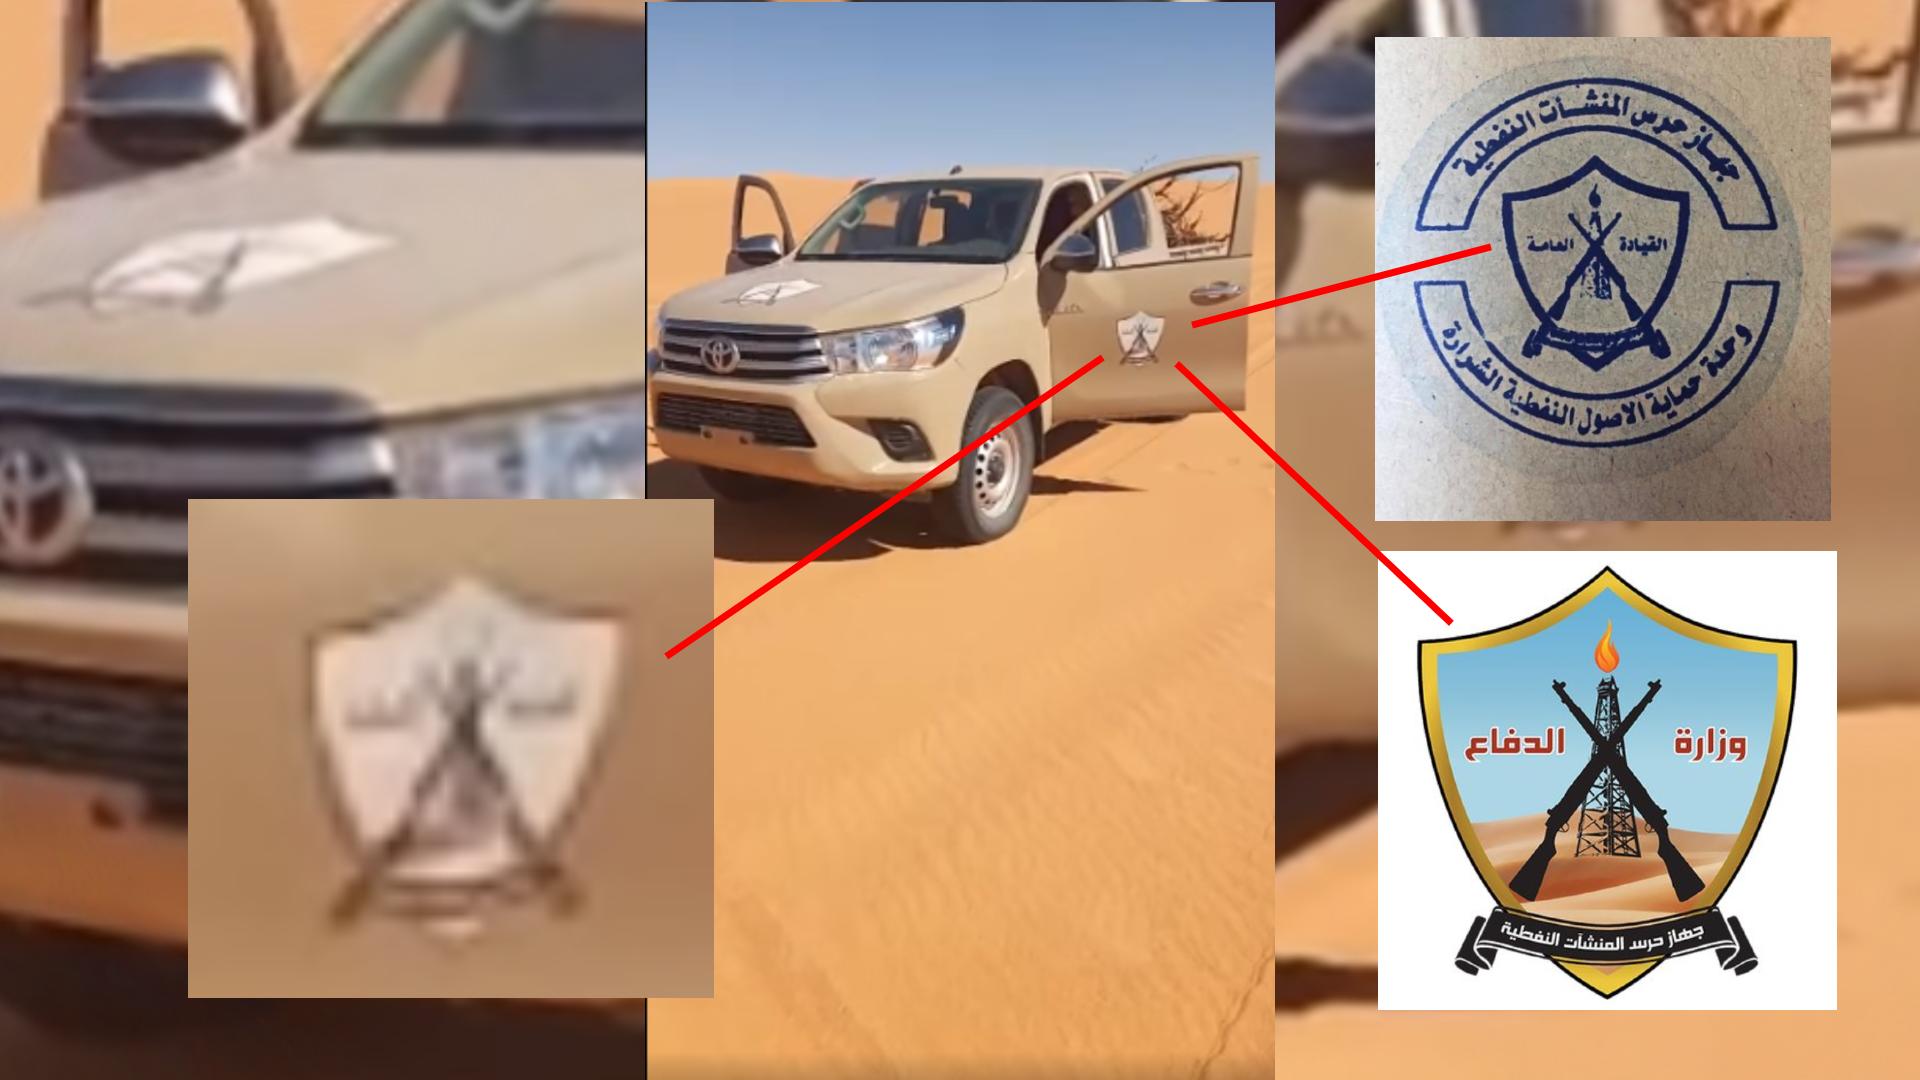 Le logo présent sur la portière et le capot du 4x4 dans la vidéo correspond à celui de la Petroleum Facilities Guard, une faction de l'Armée nationale libyenne.